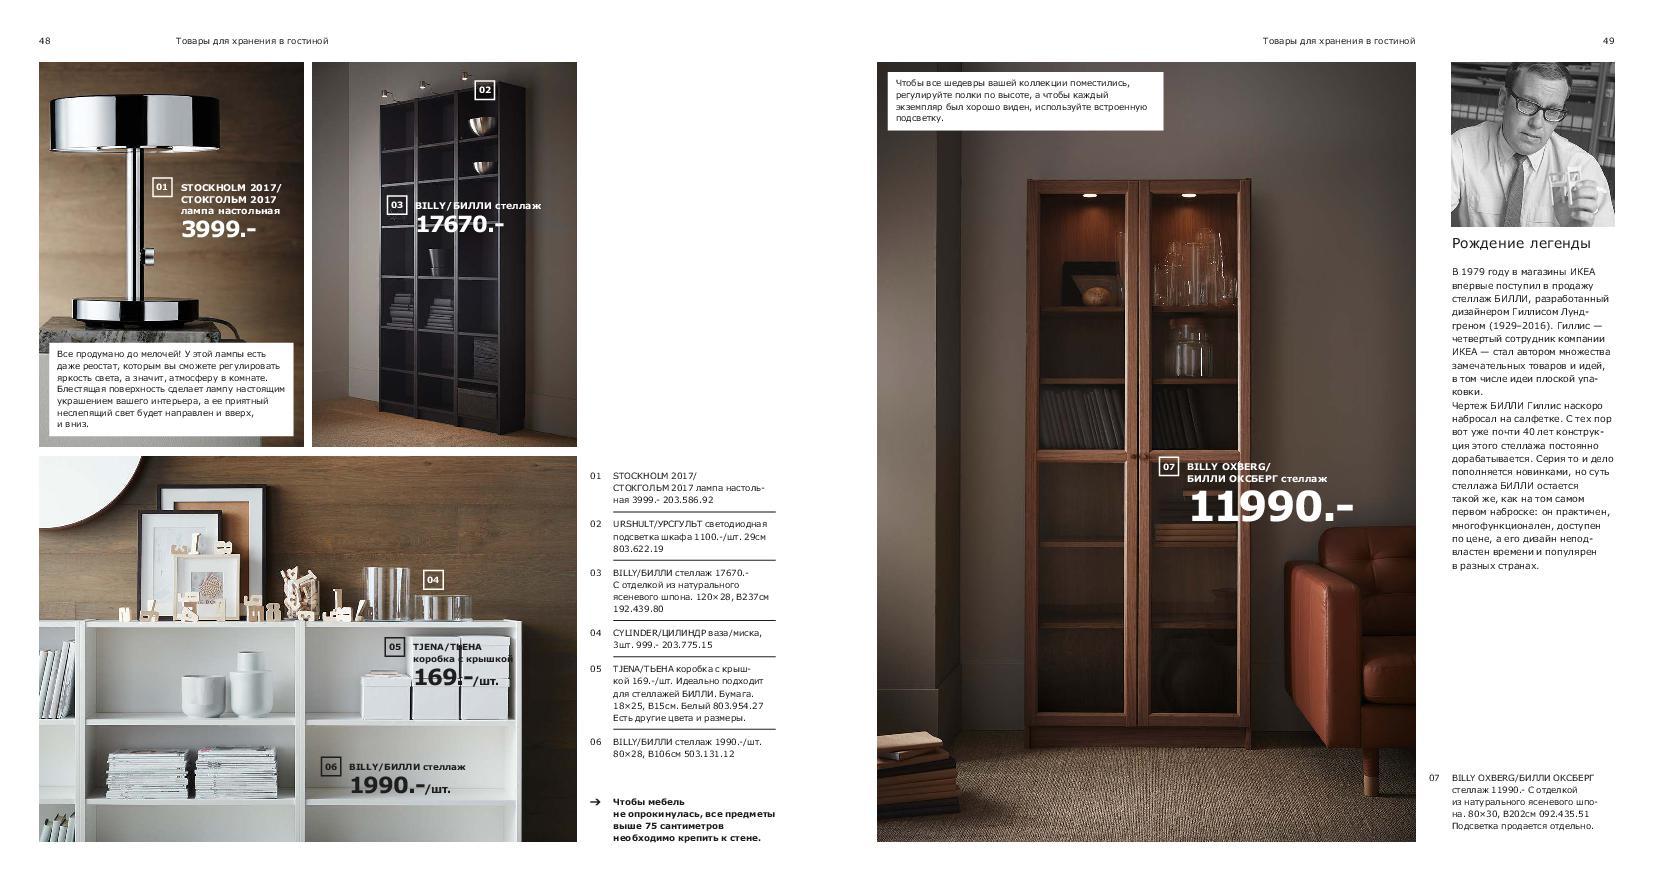 IKEA_catalogue_2019-25